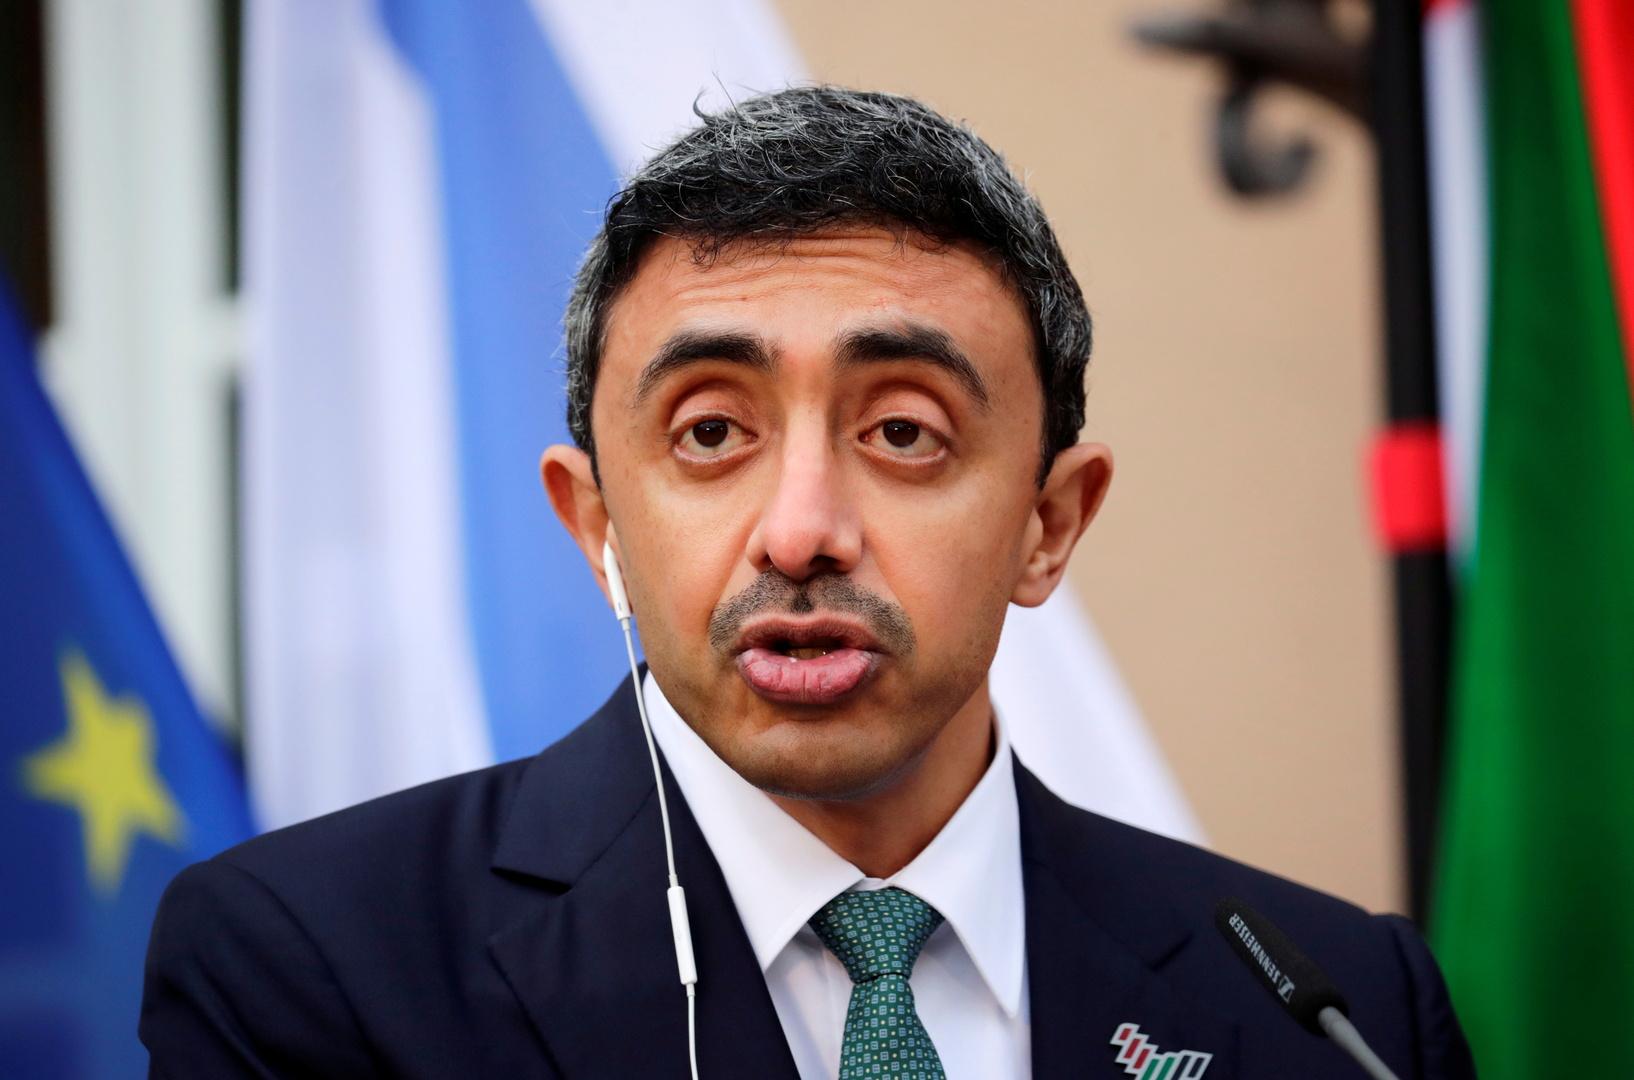 عبدالله بن زايد يجري اتصالا هاتفيا مع نظيره الإيراني